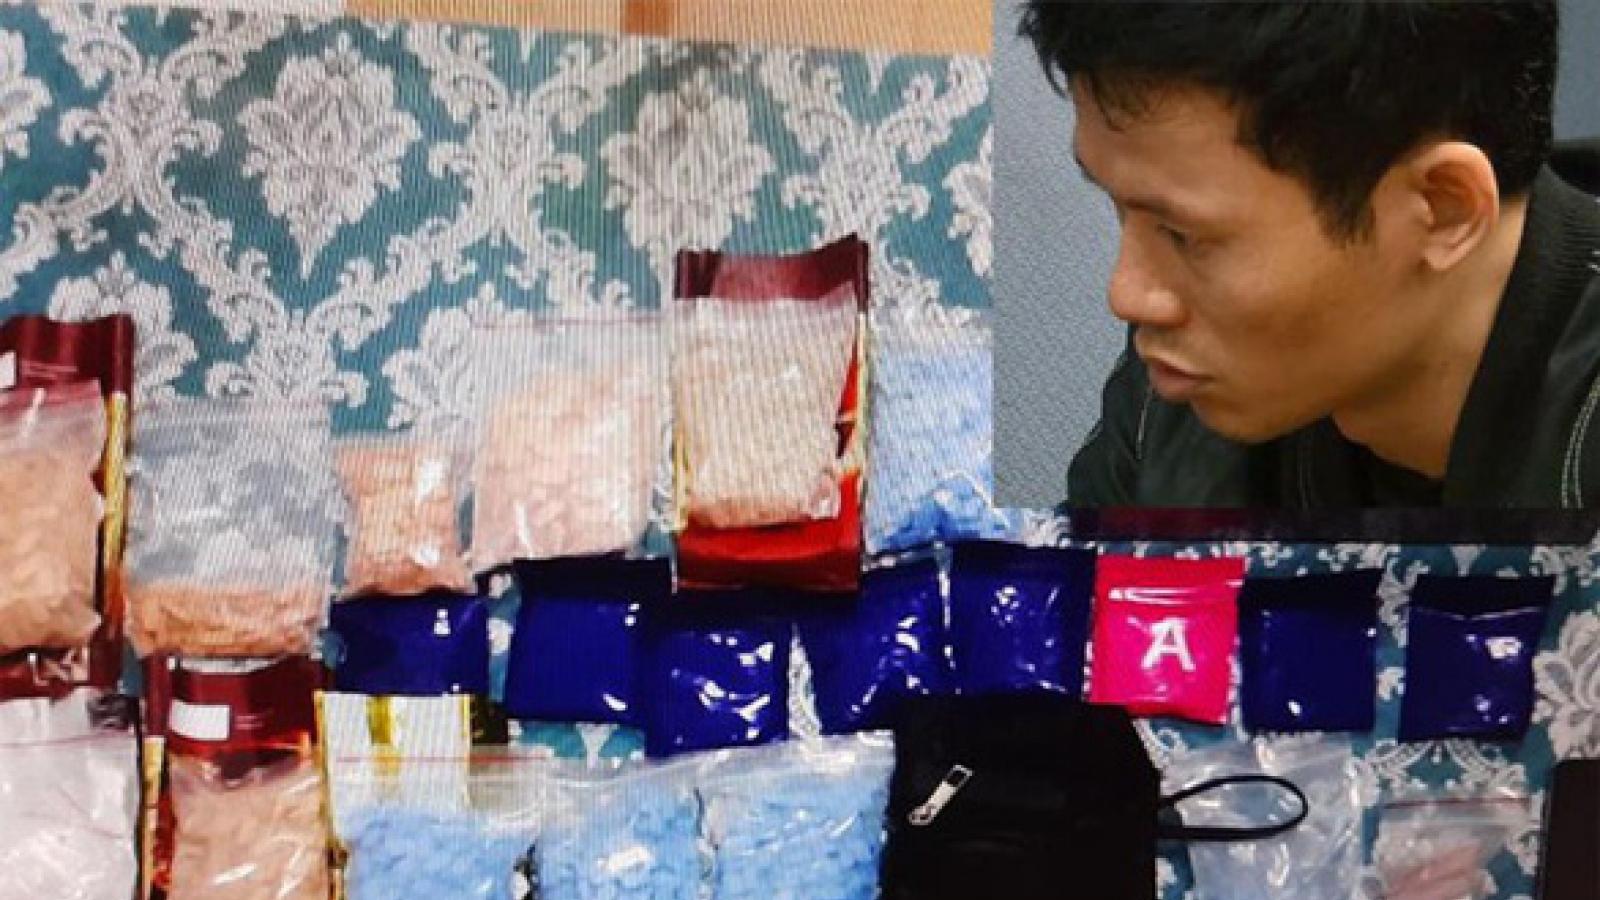 Yêu cầu Bệnh viện Tâm thần TƯ1 báo cáo vụ người bệnh cầm đầu đường dây ma túy